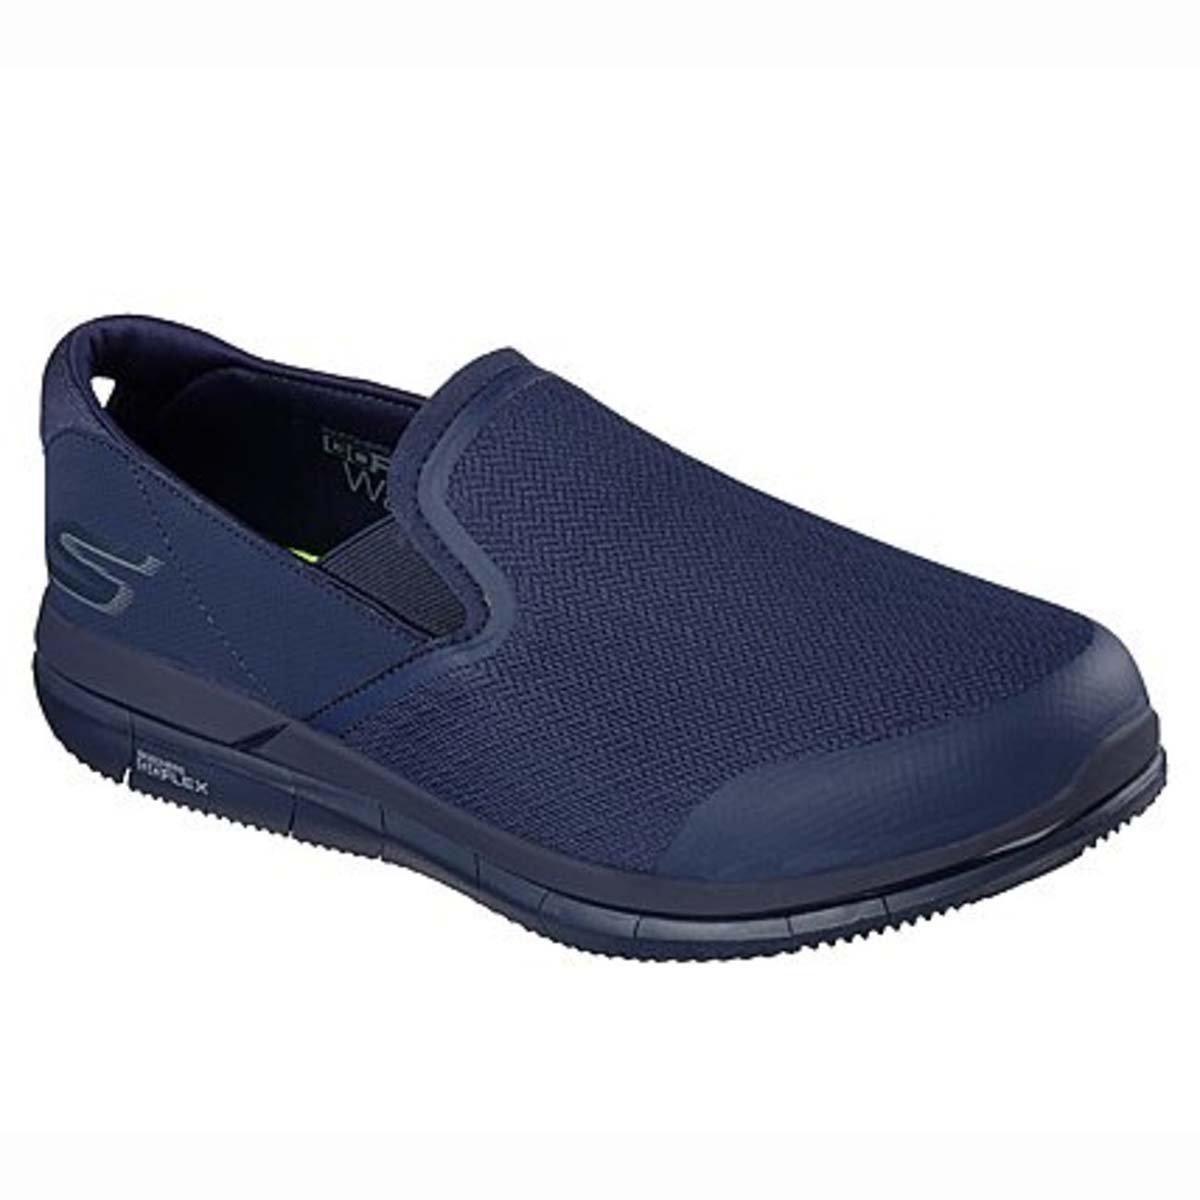 Buy Skechers Go Flex Walk Running Shoes